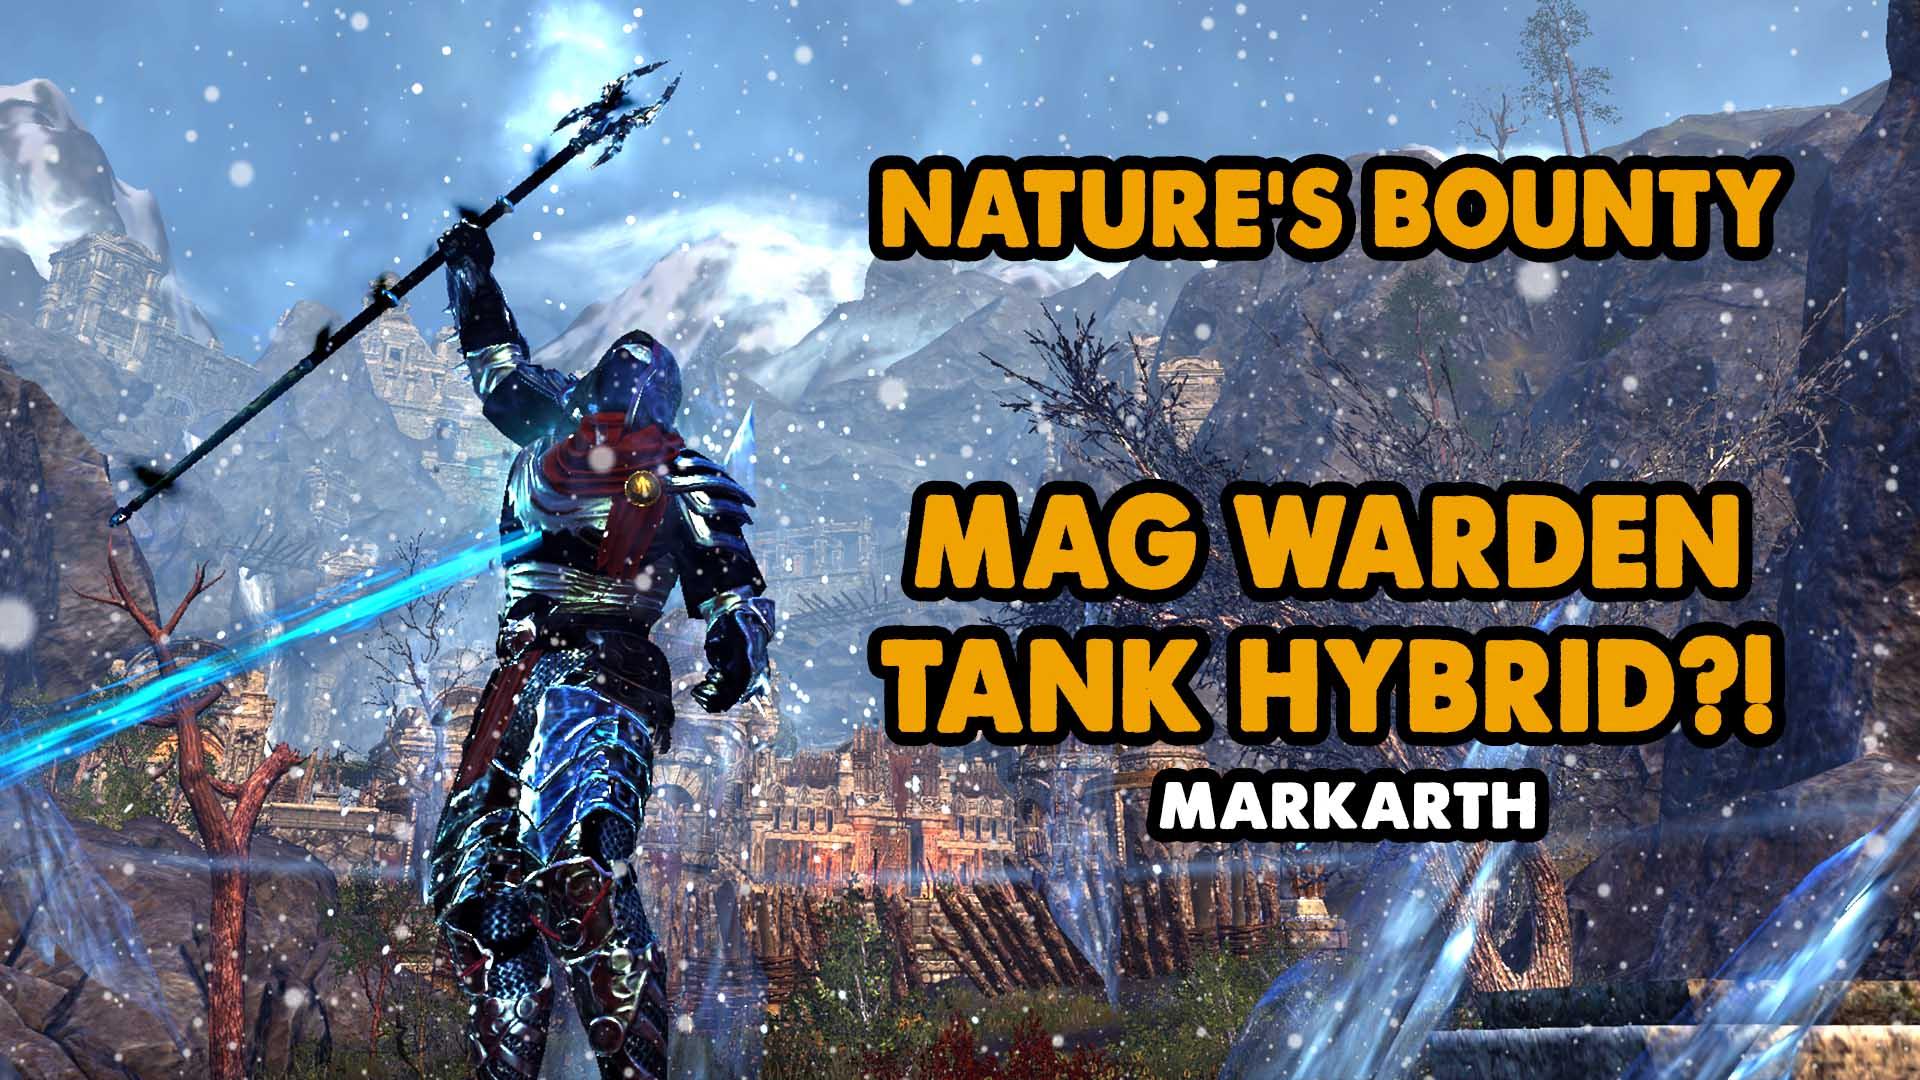 Nature's Bounty, warden, mag warden, warden tank, tank warden, tankden, ice tank, minor brittle, double ice staff tank, best warden tank in eso , warden endgame tank